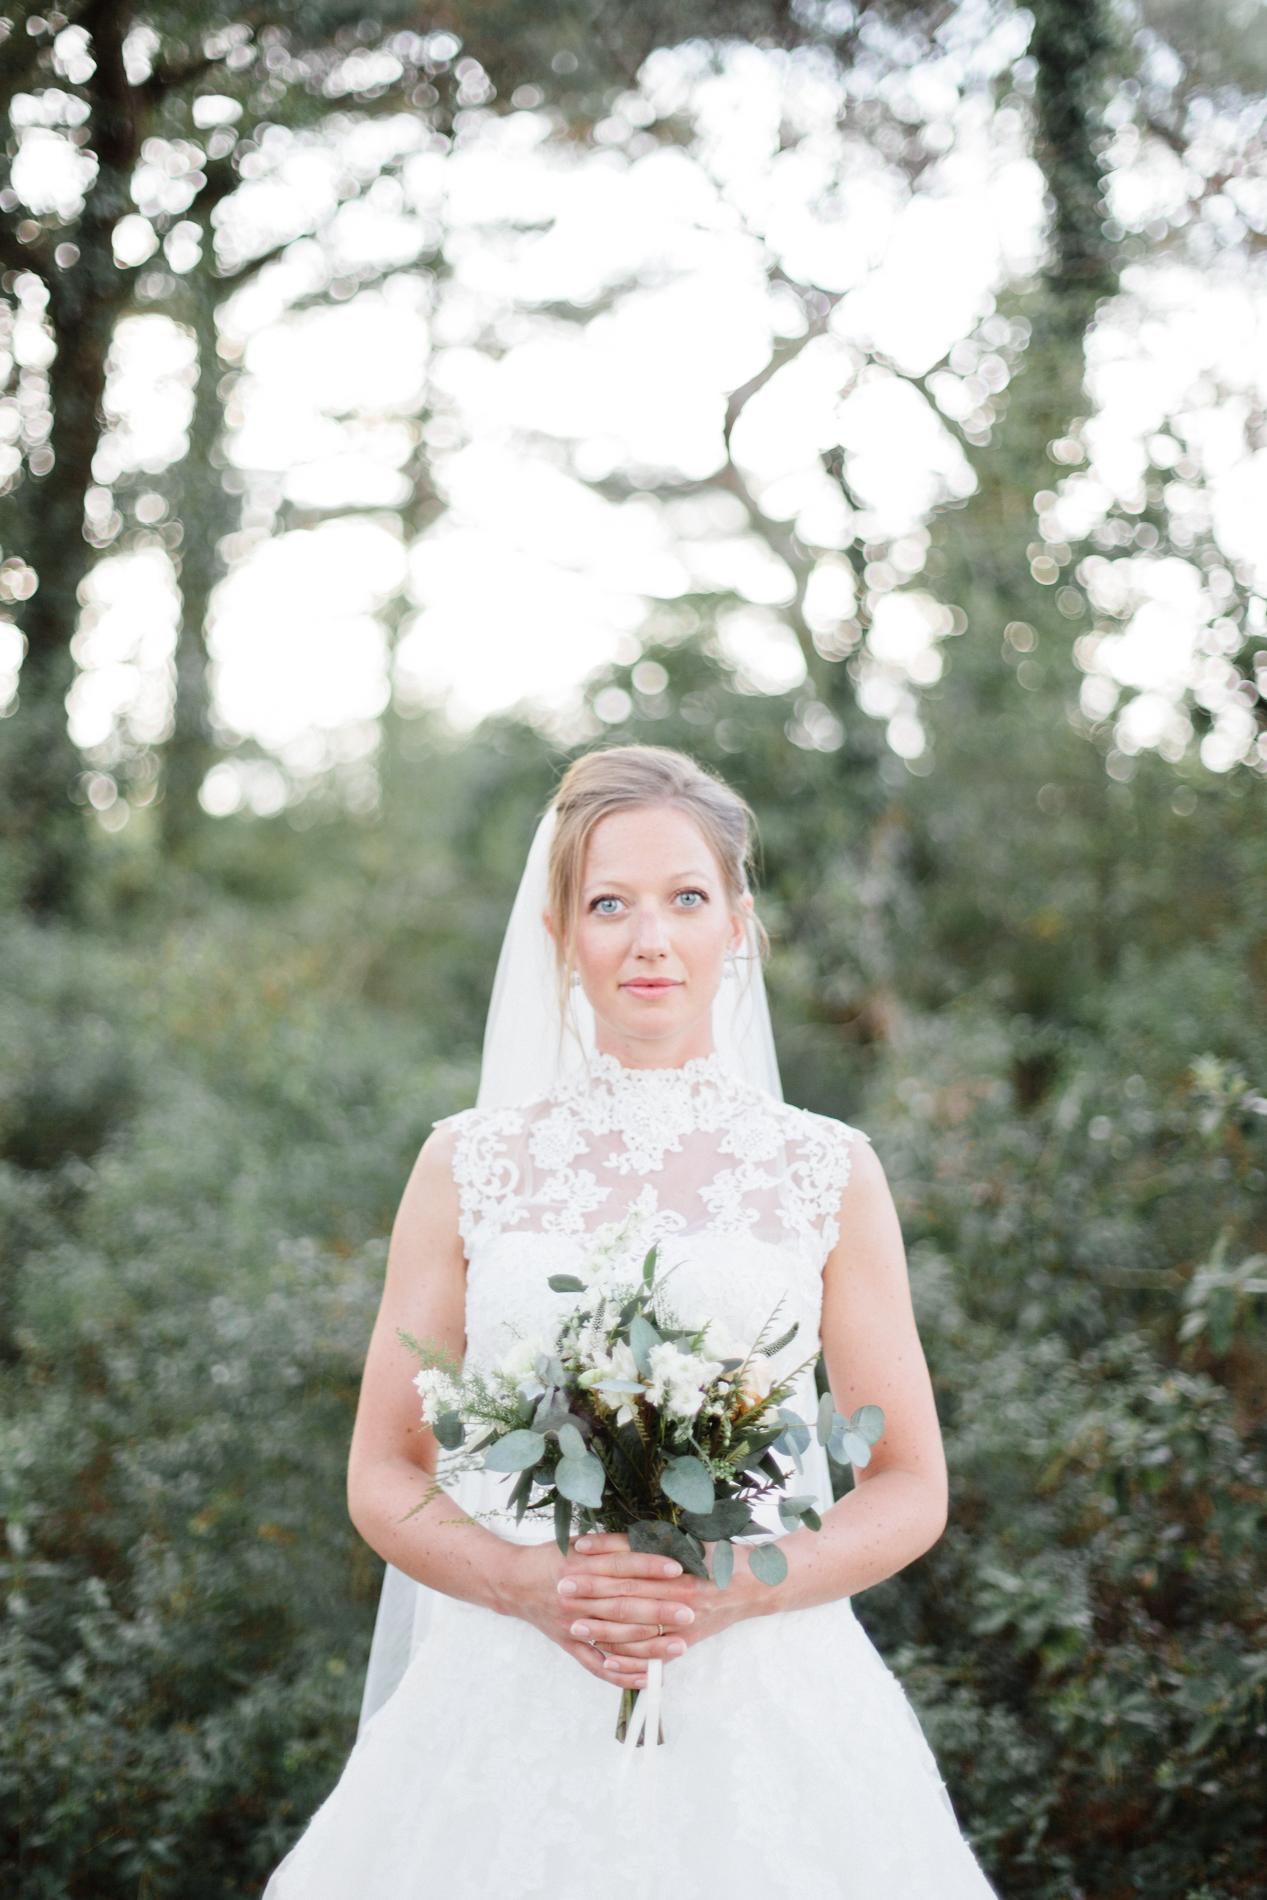 photographe-mariage-bretagne-maria-thomas-91